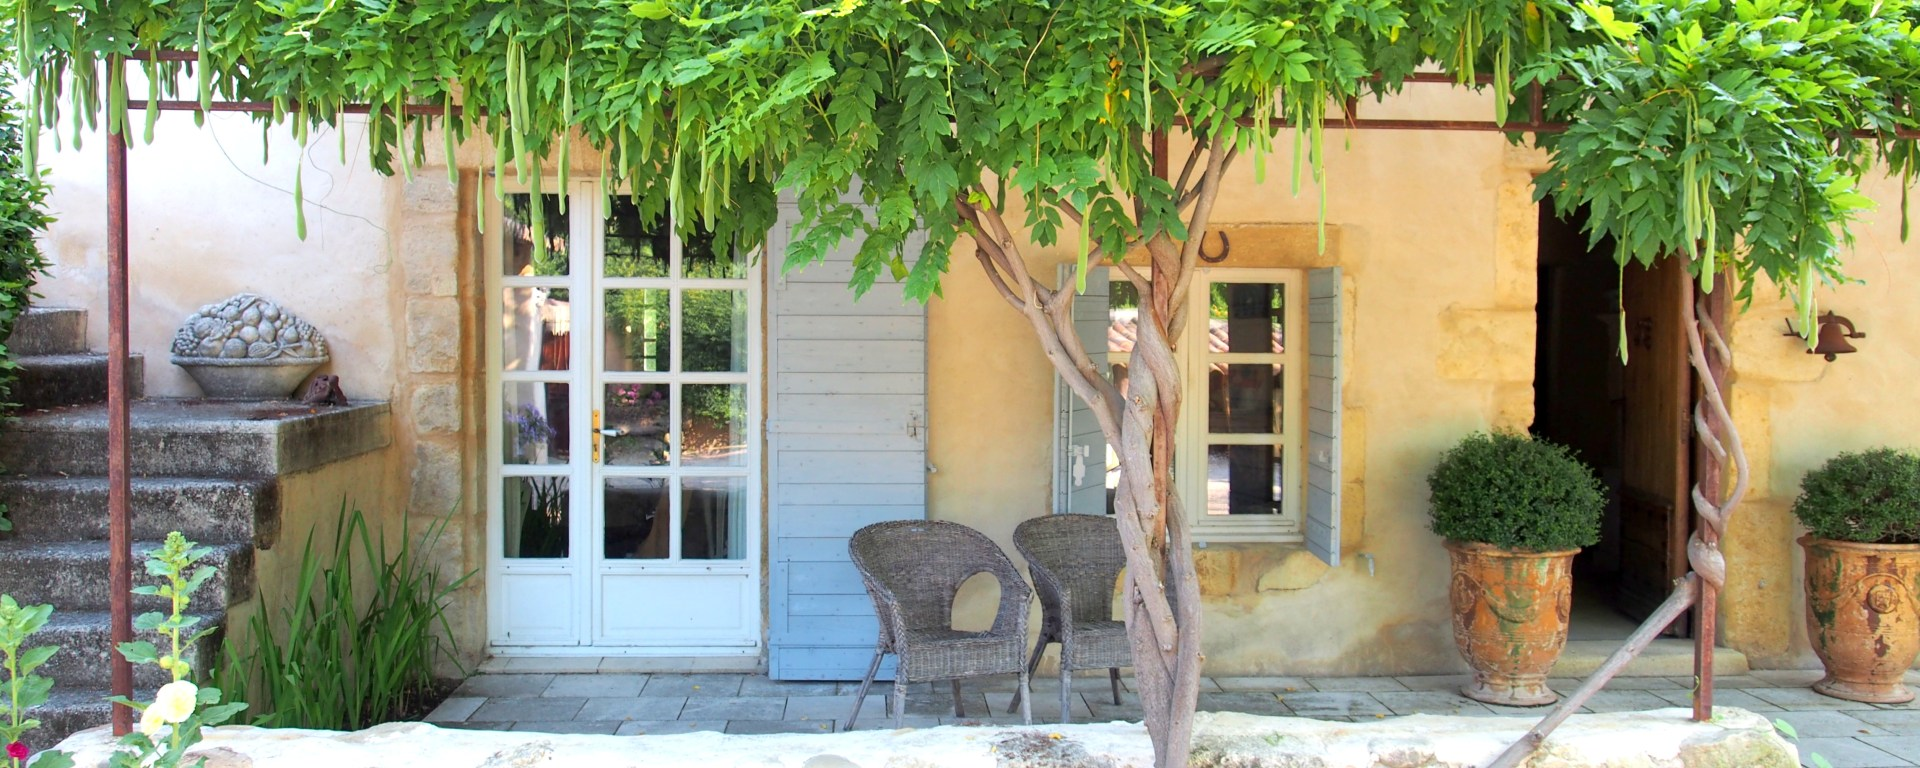 法國普羅旺斯Provence(一)夢幻薰衣草之旅簡介 – Fapoon 花盆旅遊歷誌